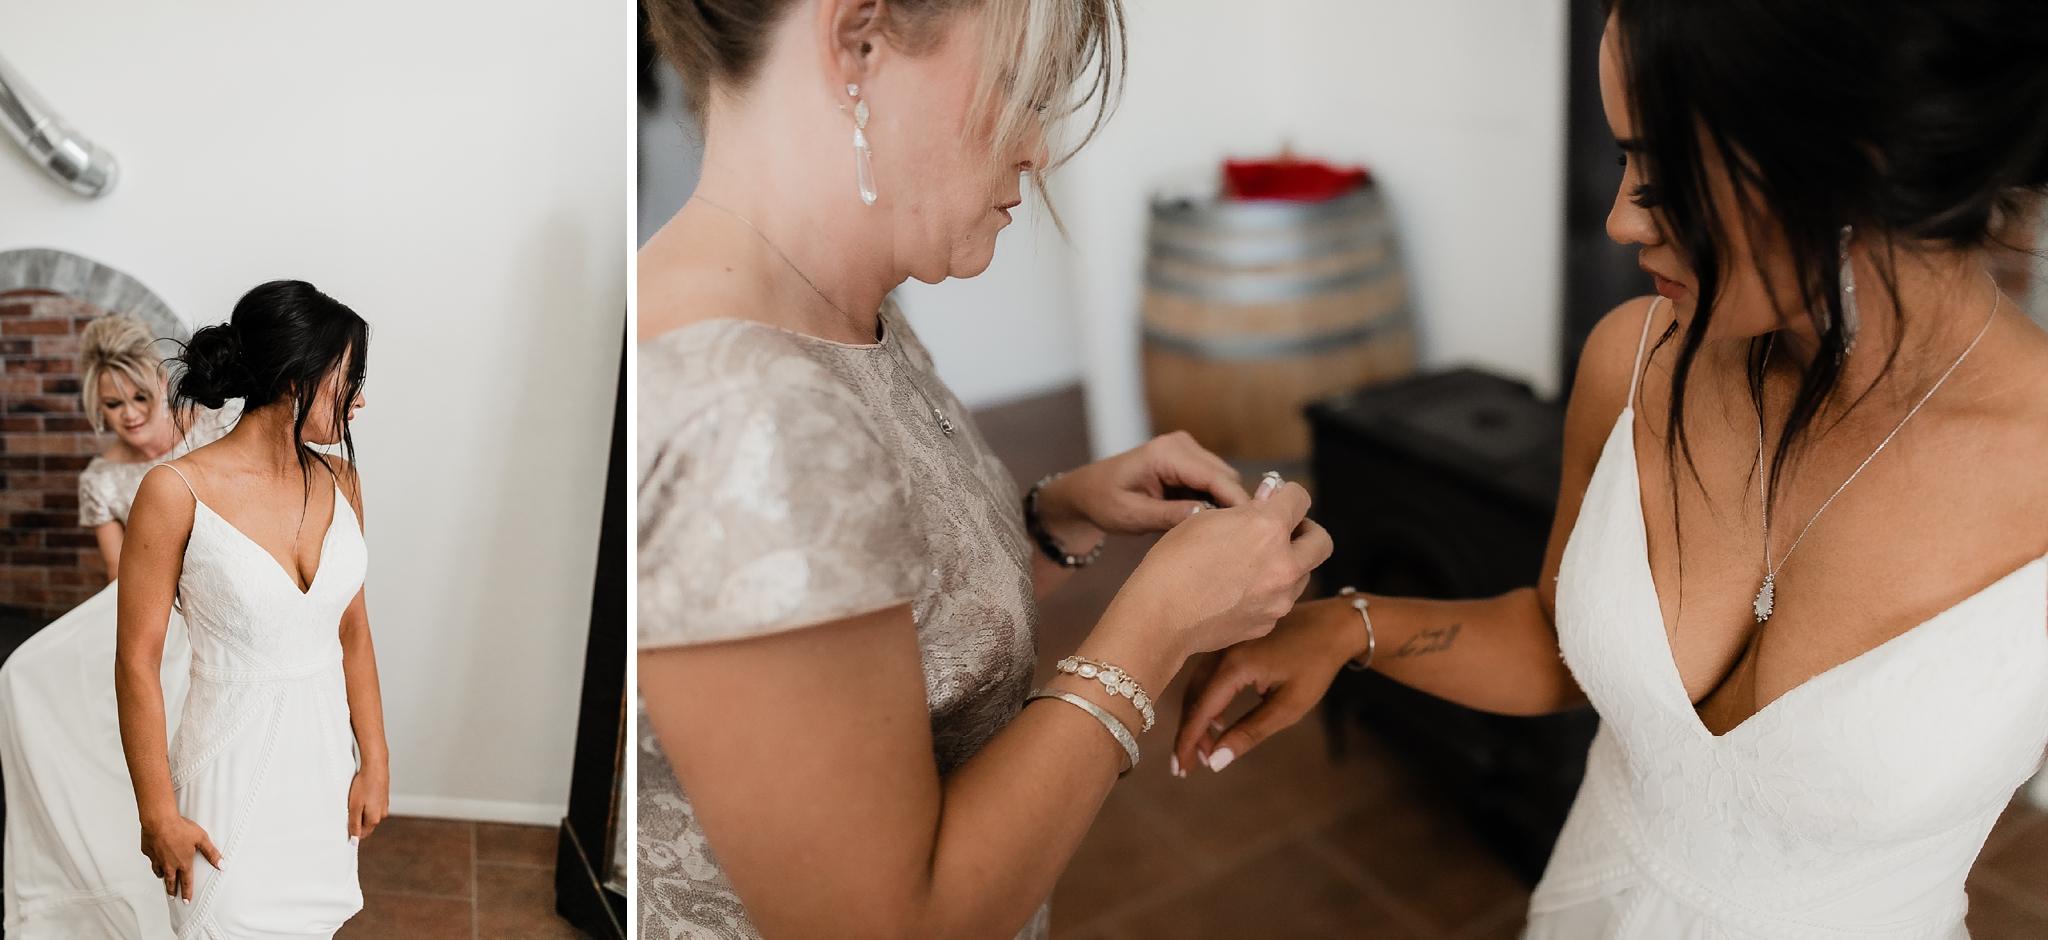 Alicia+lucia+photography+-+albuquerque+wedding+photographer+-+santa+fe+wedding+photography+-+new+mexico+wedding+photographer+-+new+mexico+wedding+-+new+mexico+wedding+-+barn+wedding+-+enchanted+vine+barn+wedding+-+ruidoso+wedding_0040.jpg